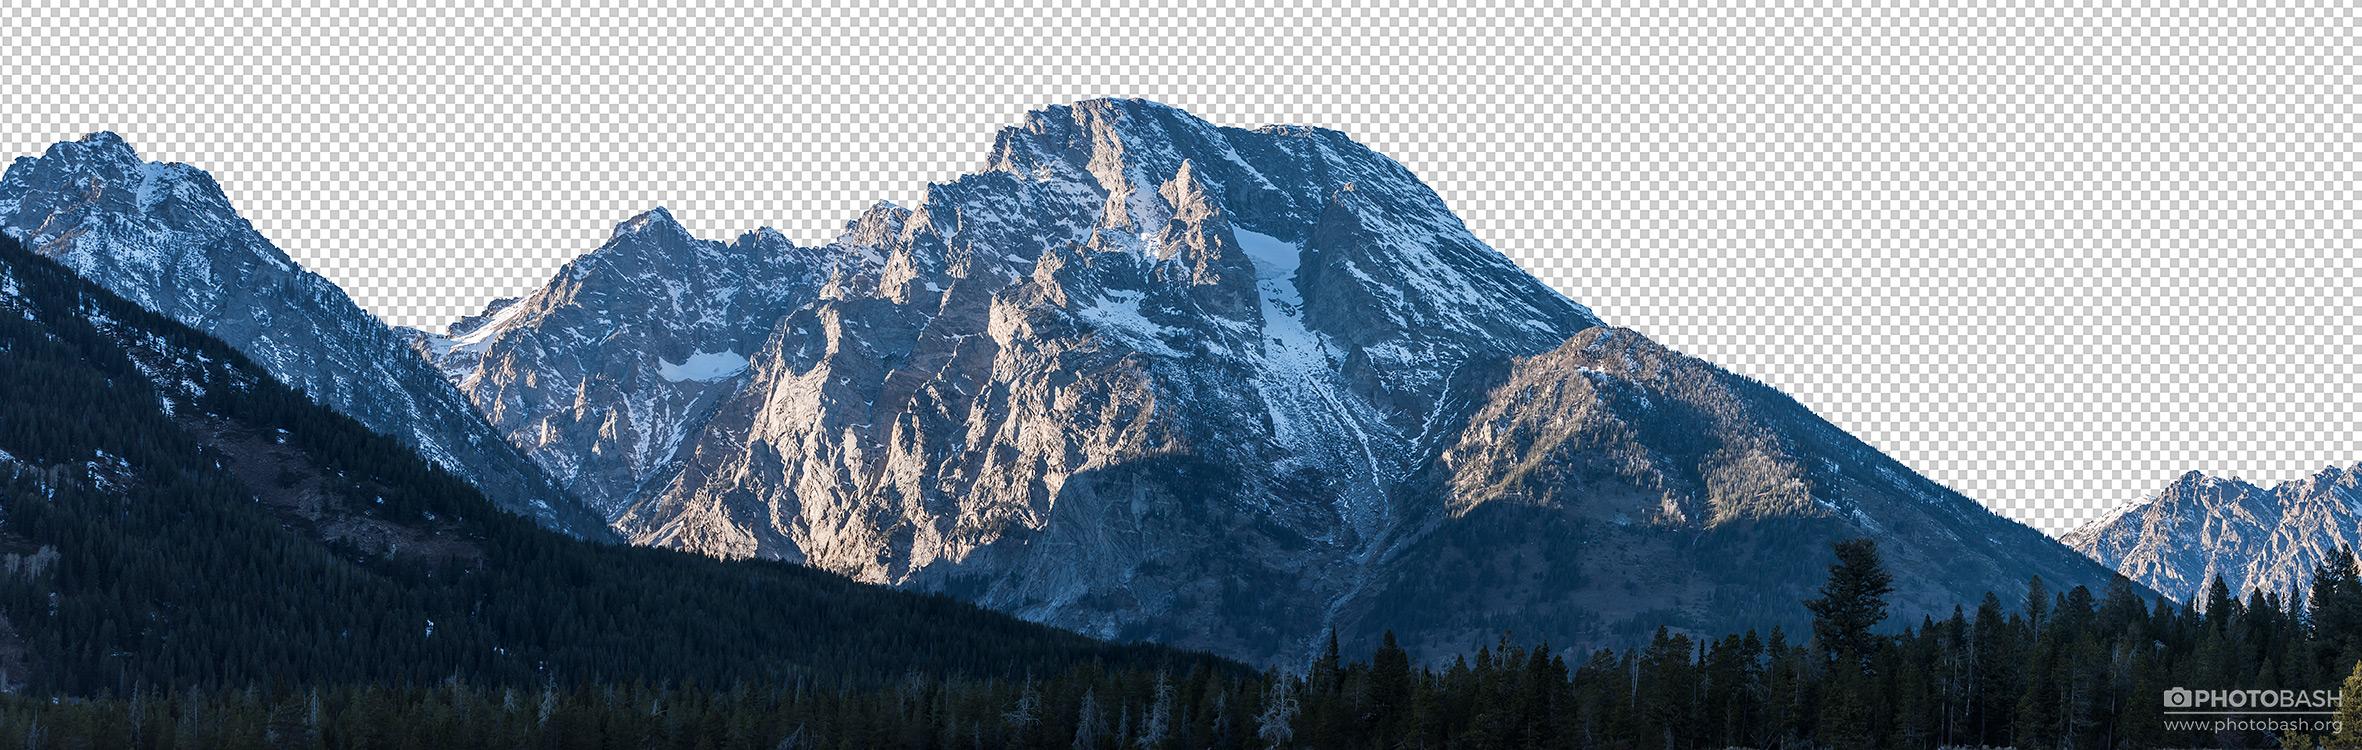 Snowy-Peaks-(59).jpg